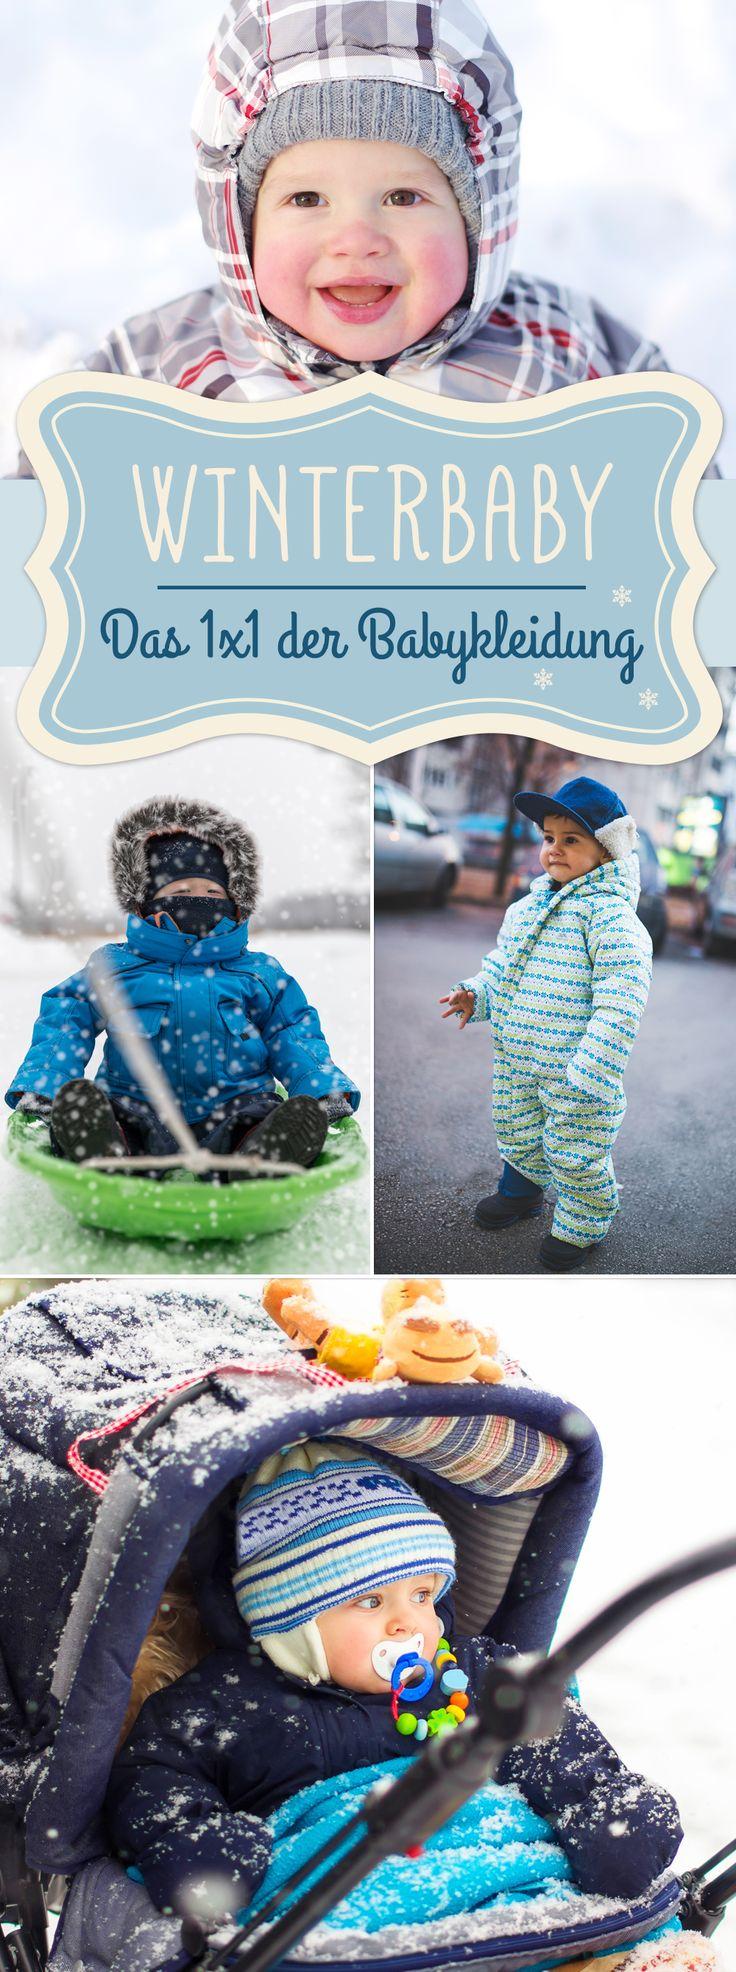 Baby + Winter = Welche Kleidung? Wieviele Schichten? (iStock)